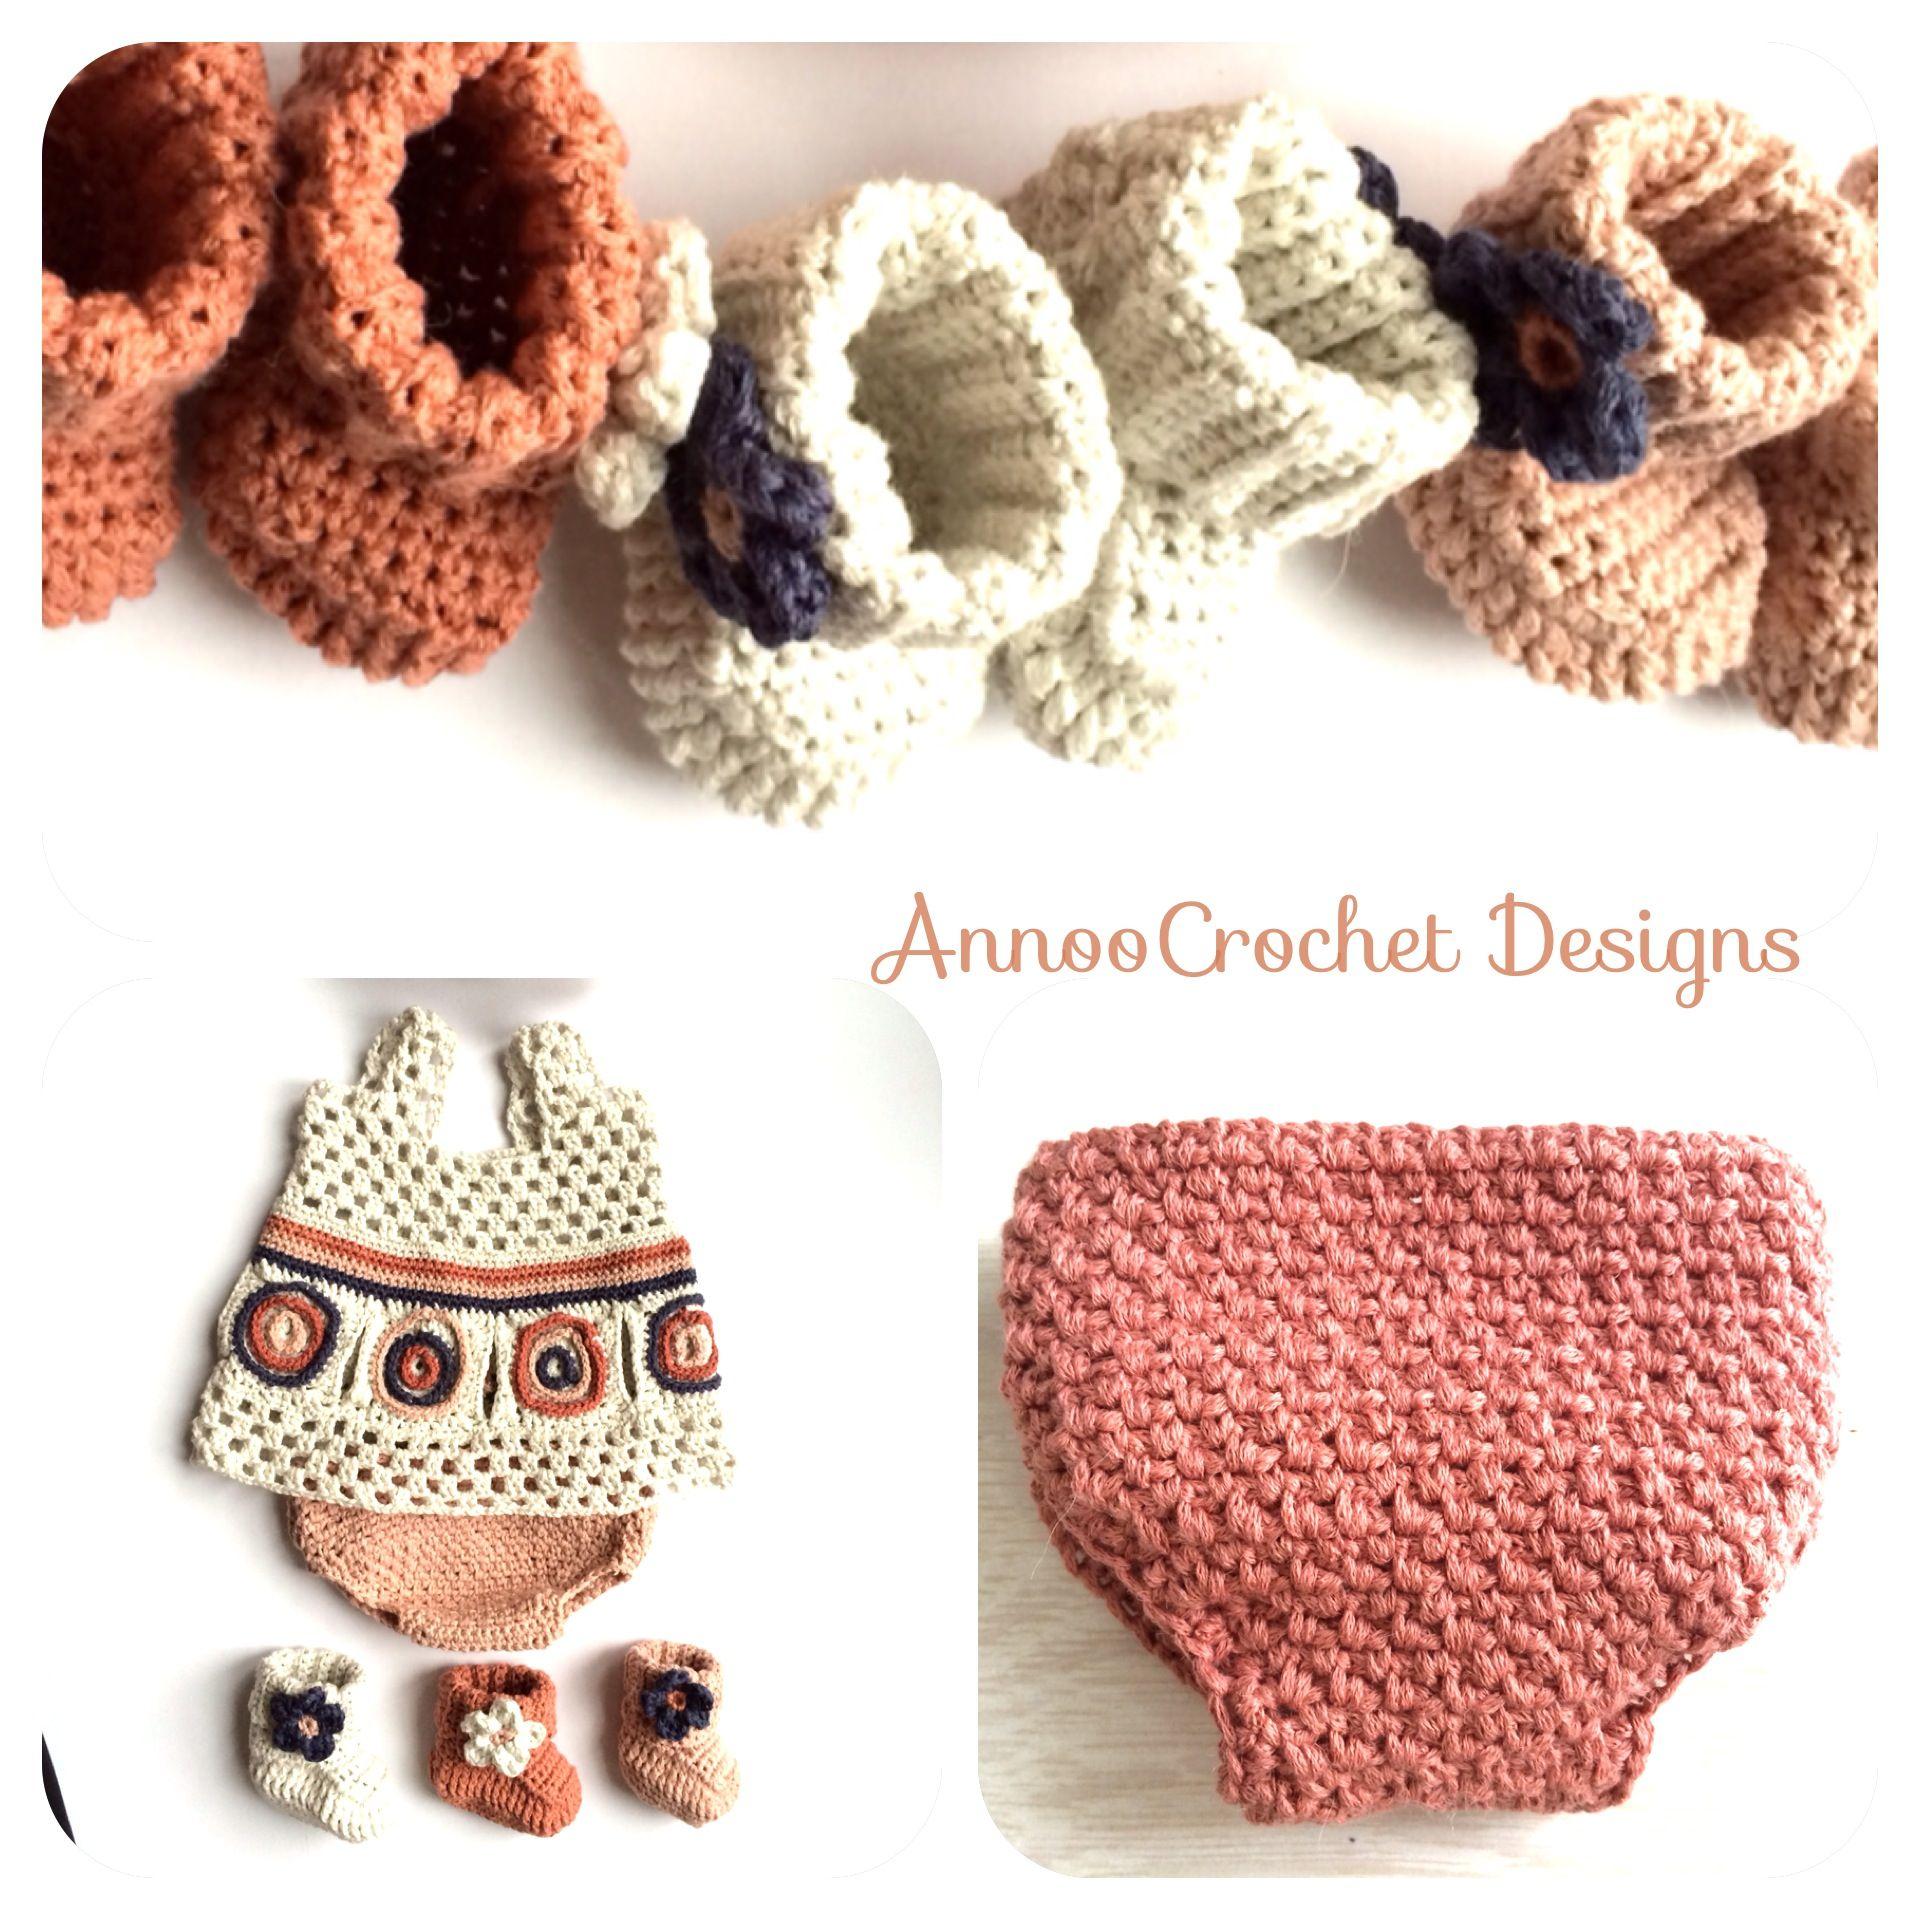 Newborn Free Crochet Diaper Cover By AnnooCrochet Designs | Crochet ...